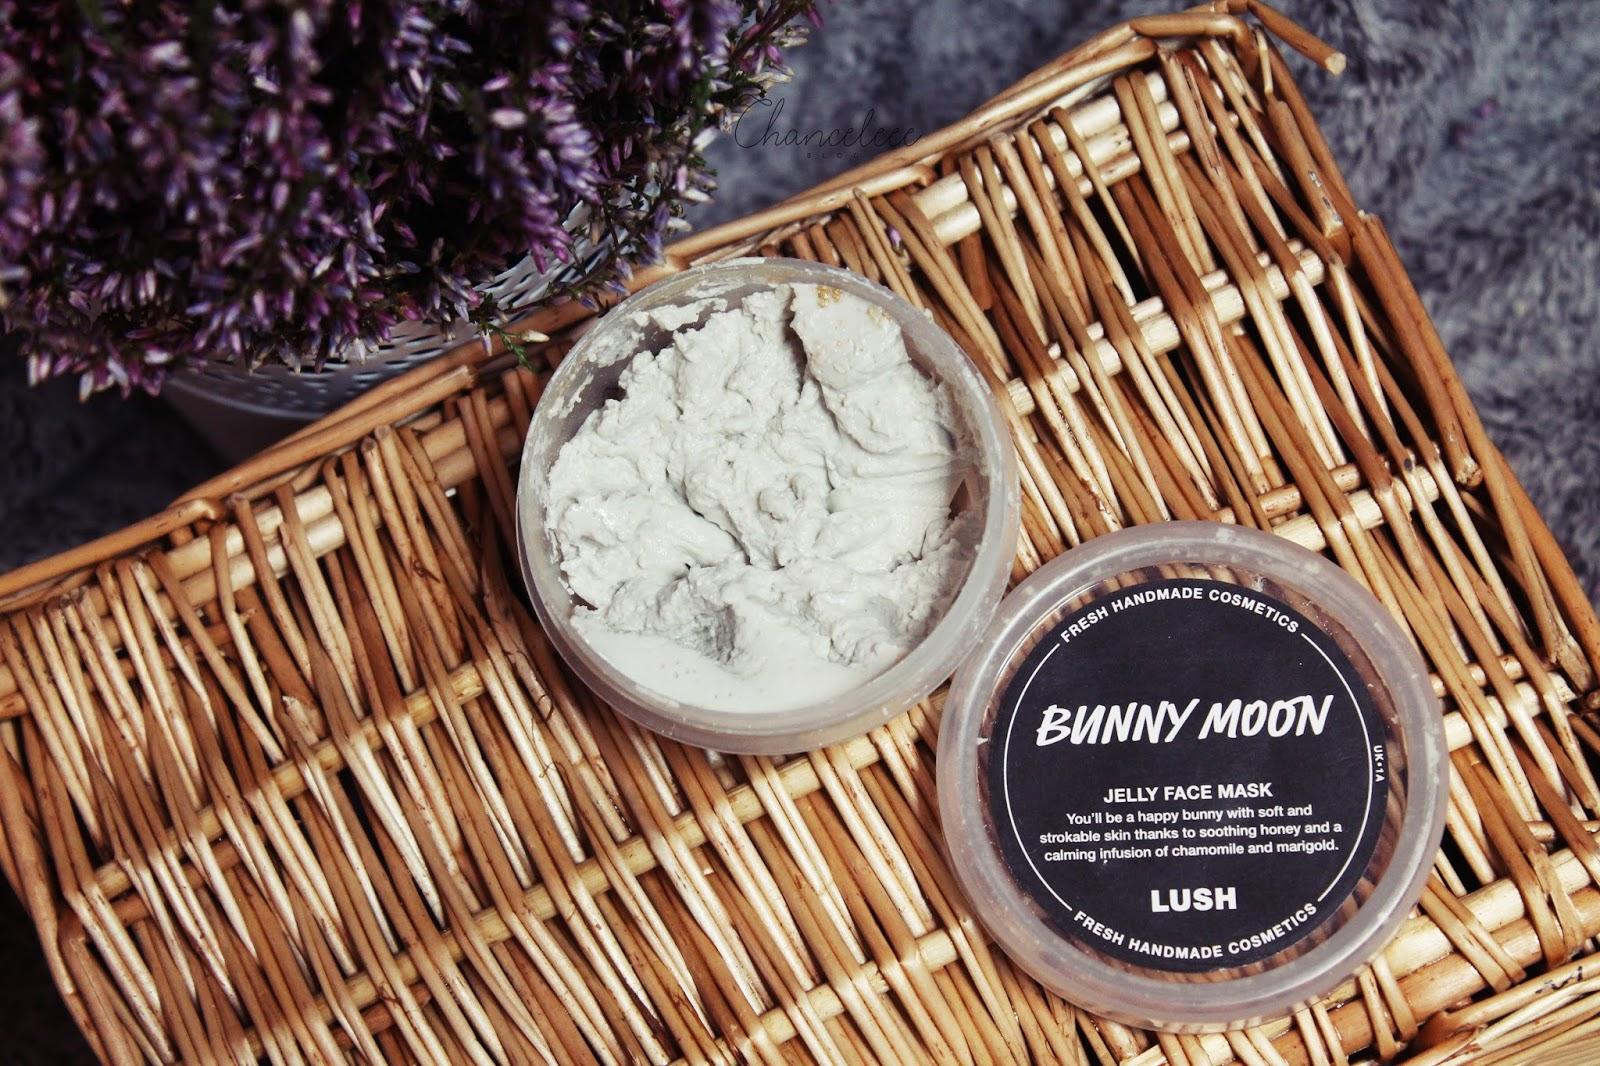 Lush Bunny Moon - recenzja maseczki